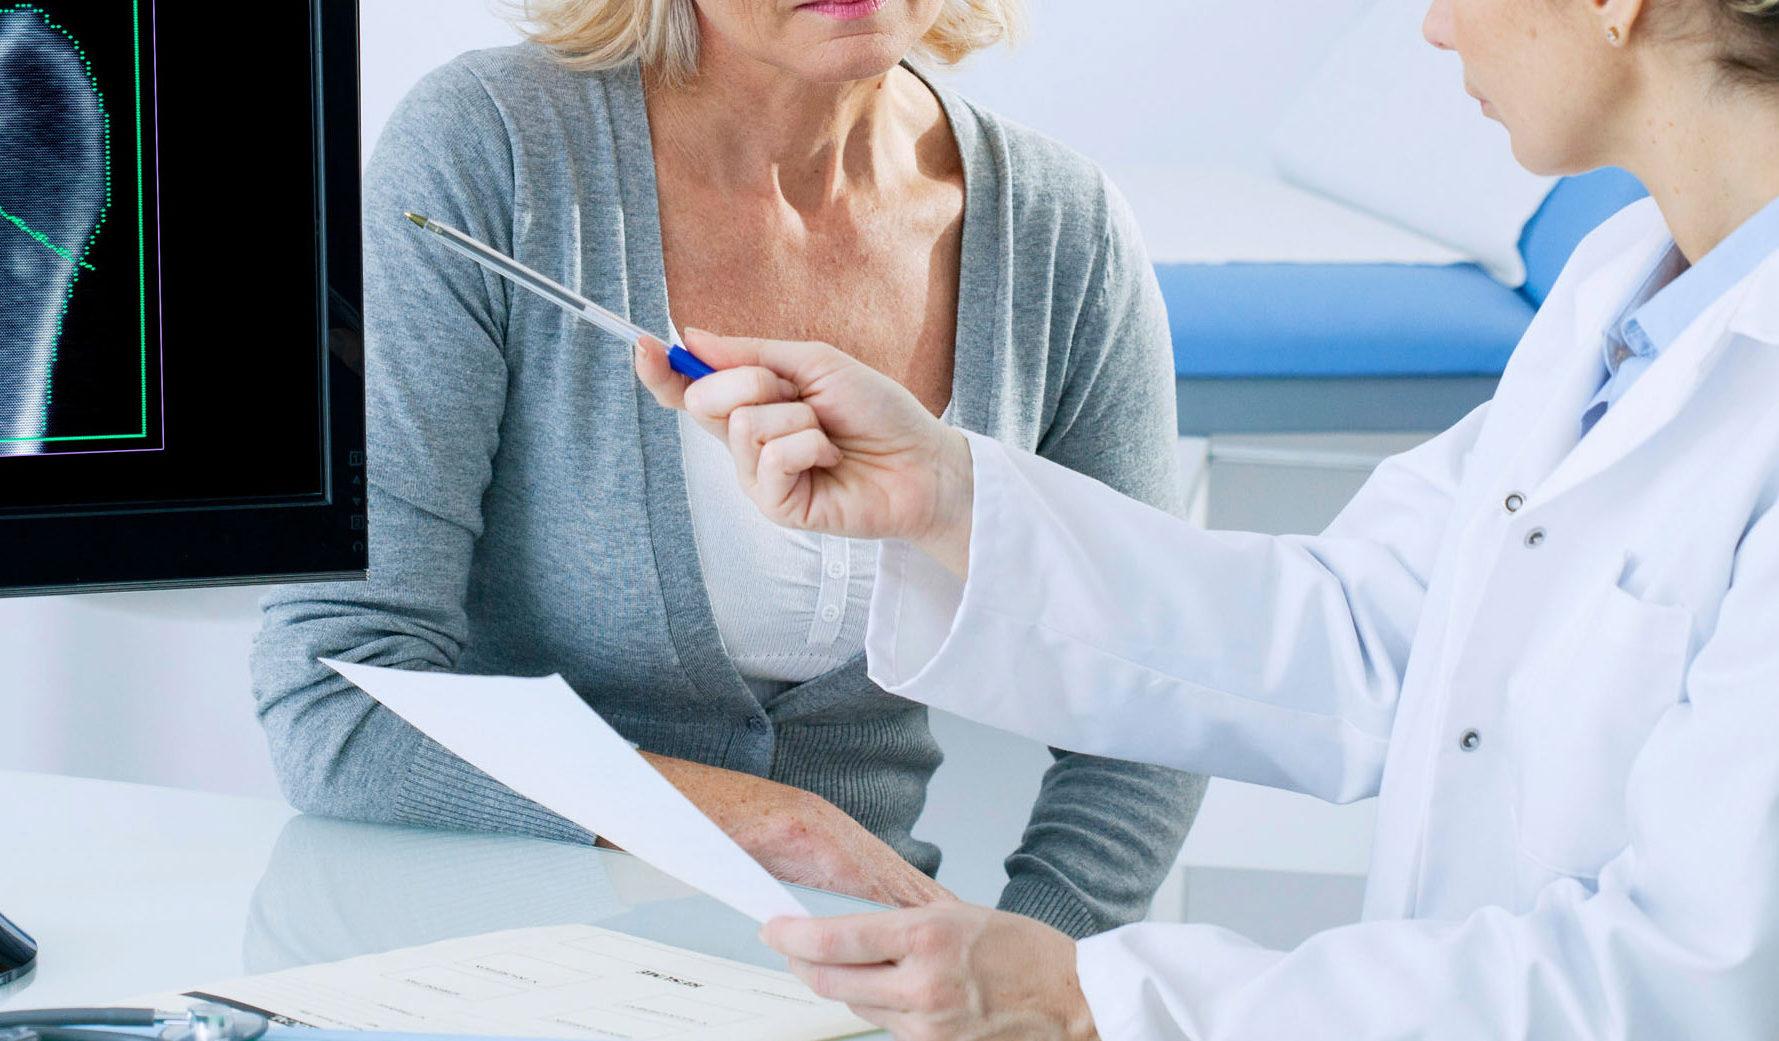 Osteoporosi: guarire con l'esercizio fisico